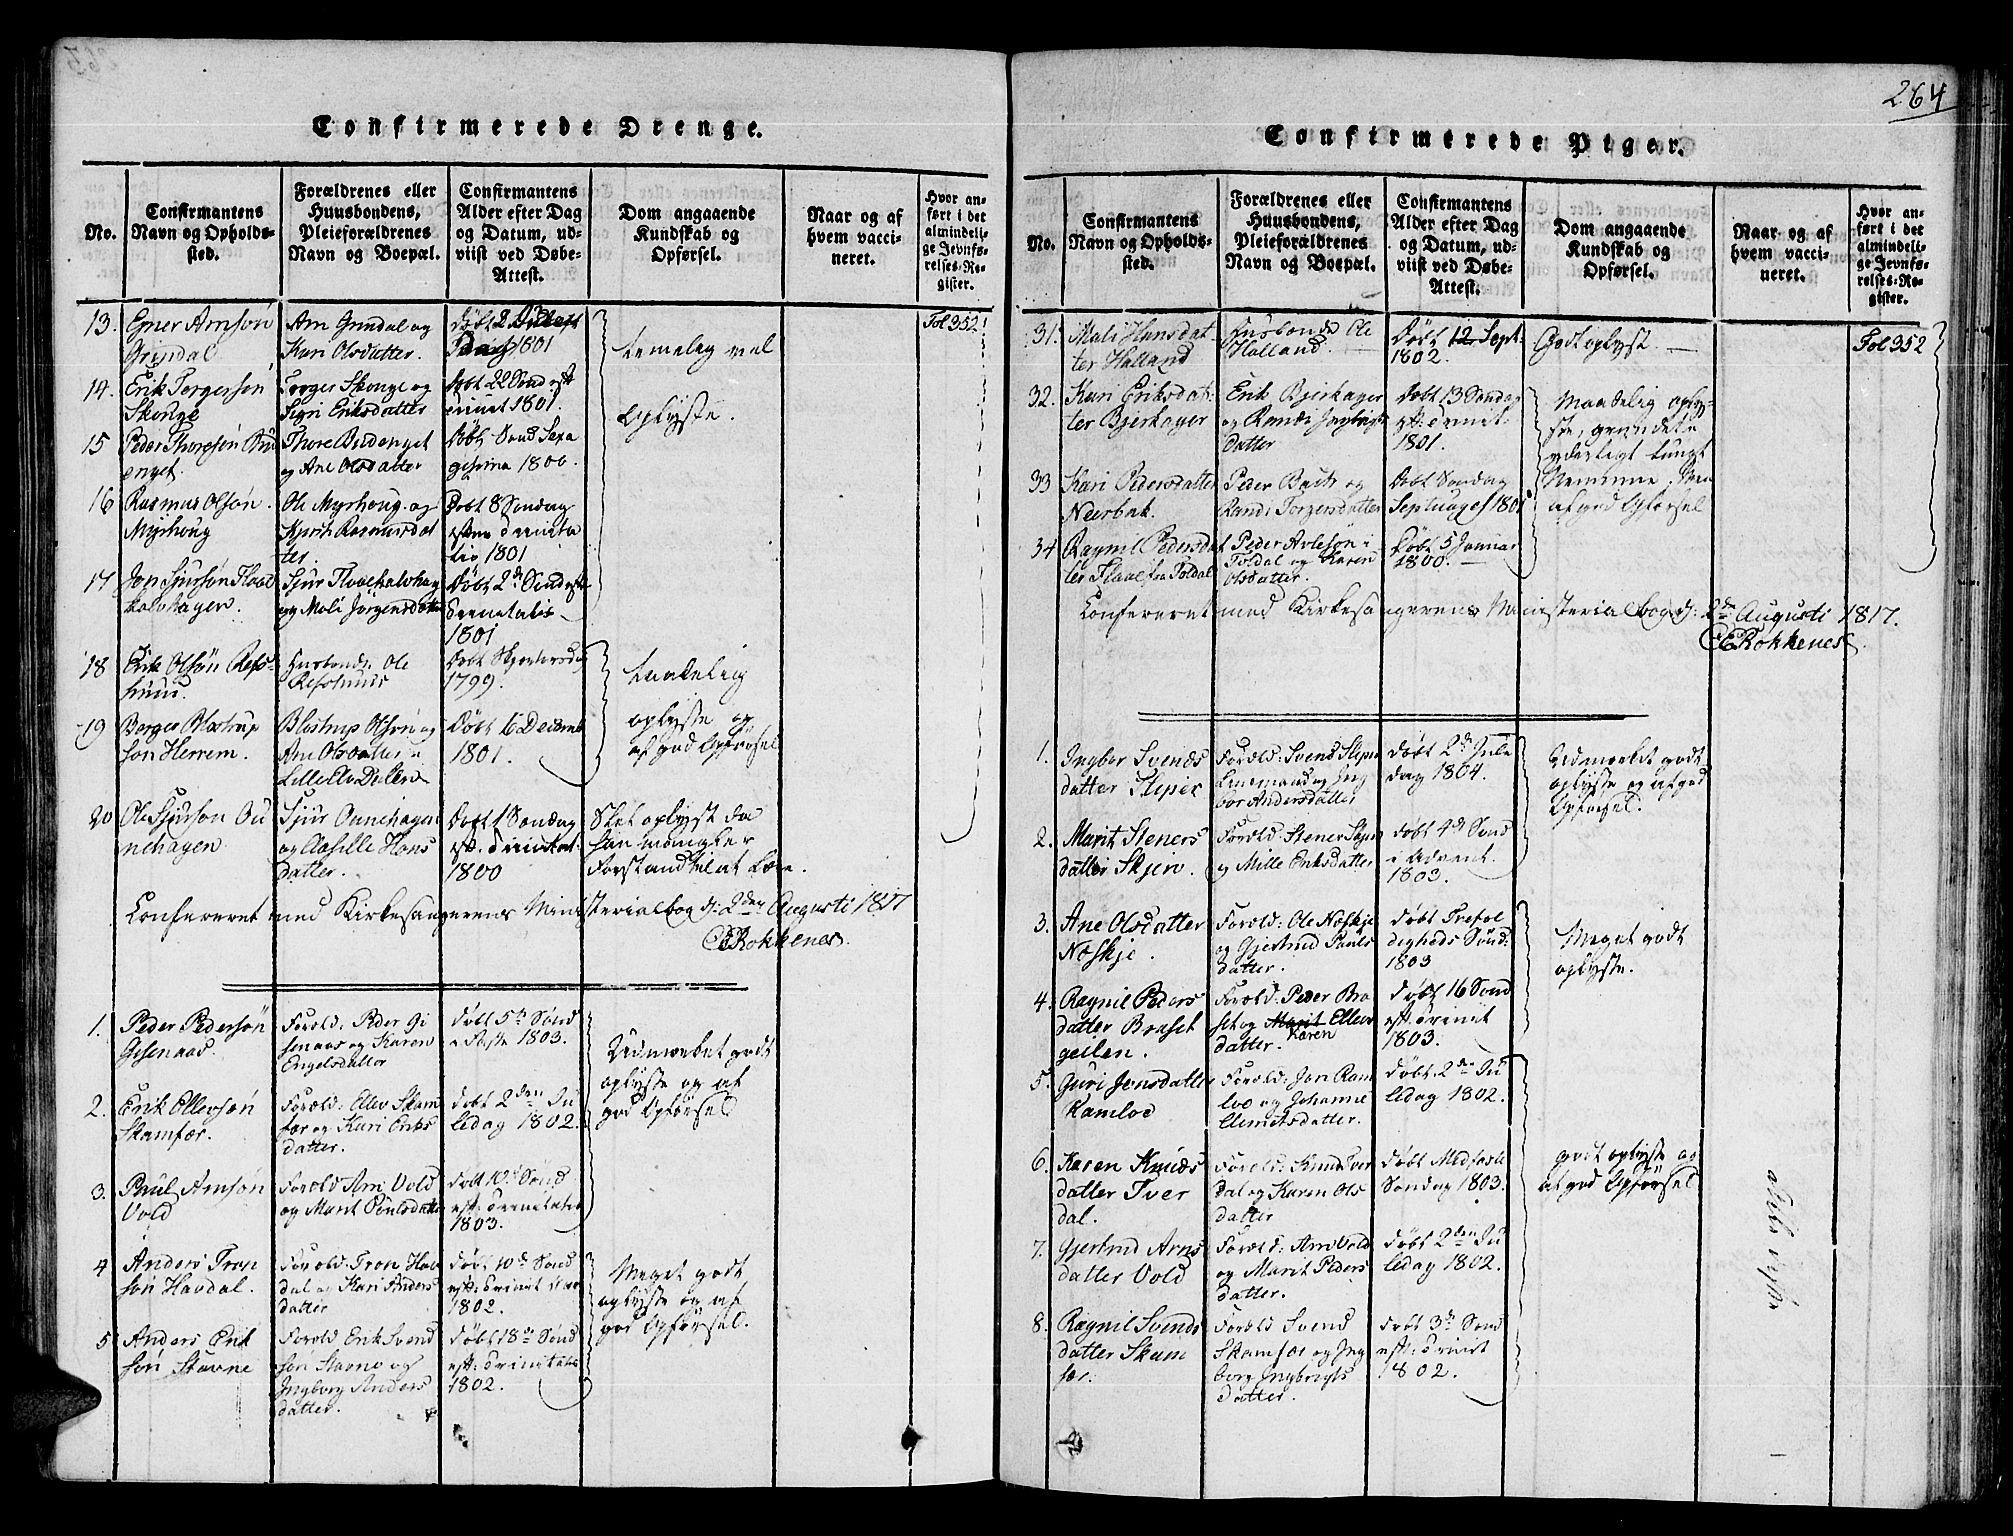 SAT, Ministerialprotokoller, klokkerbøker og fødselsregistre - Sør-Trøndelag, 672/L0854: Ministerialbok nr. 672A06 /2, 1816-1829, s. 264